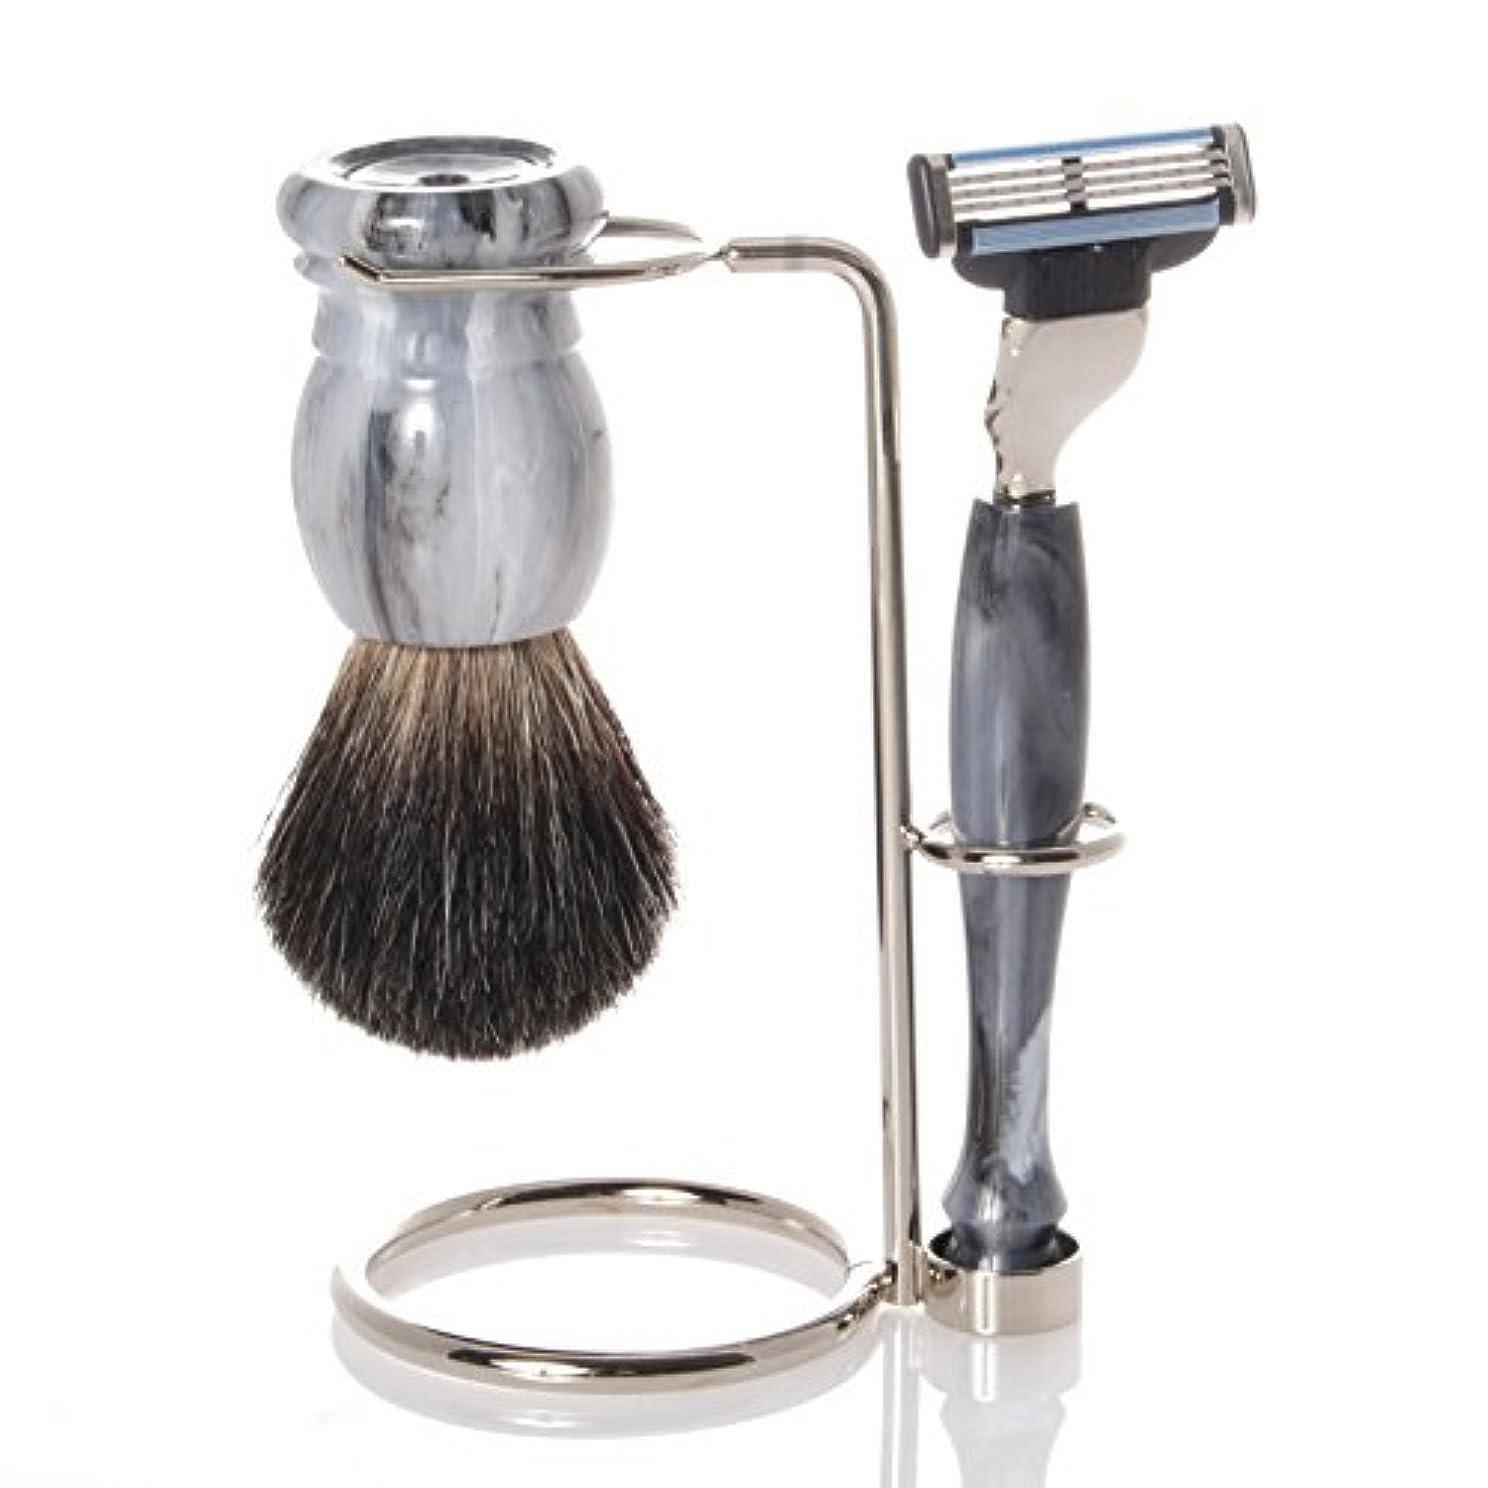 和フランクワースリースピーカー髭剃りセット、ホルダー、グレー?オジャー?ブラシ、カミソリ - Hans Baier Exclusive